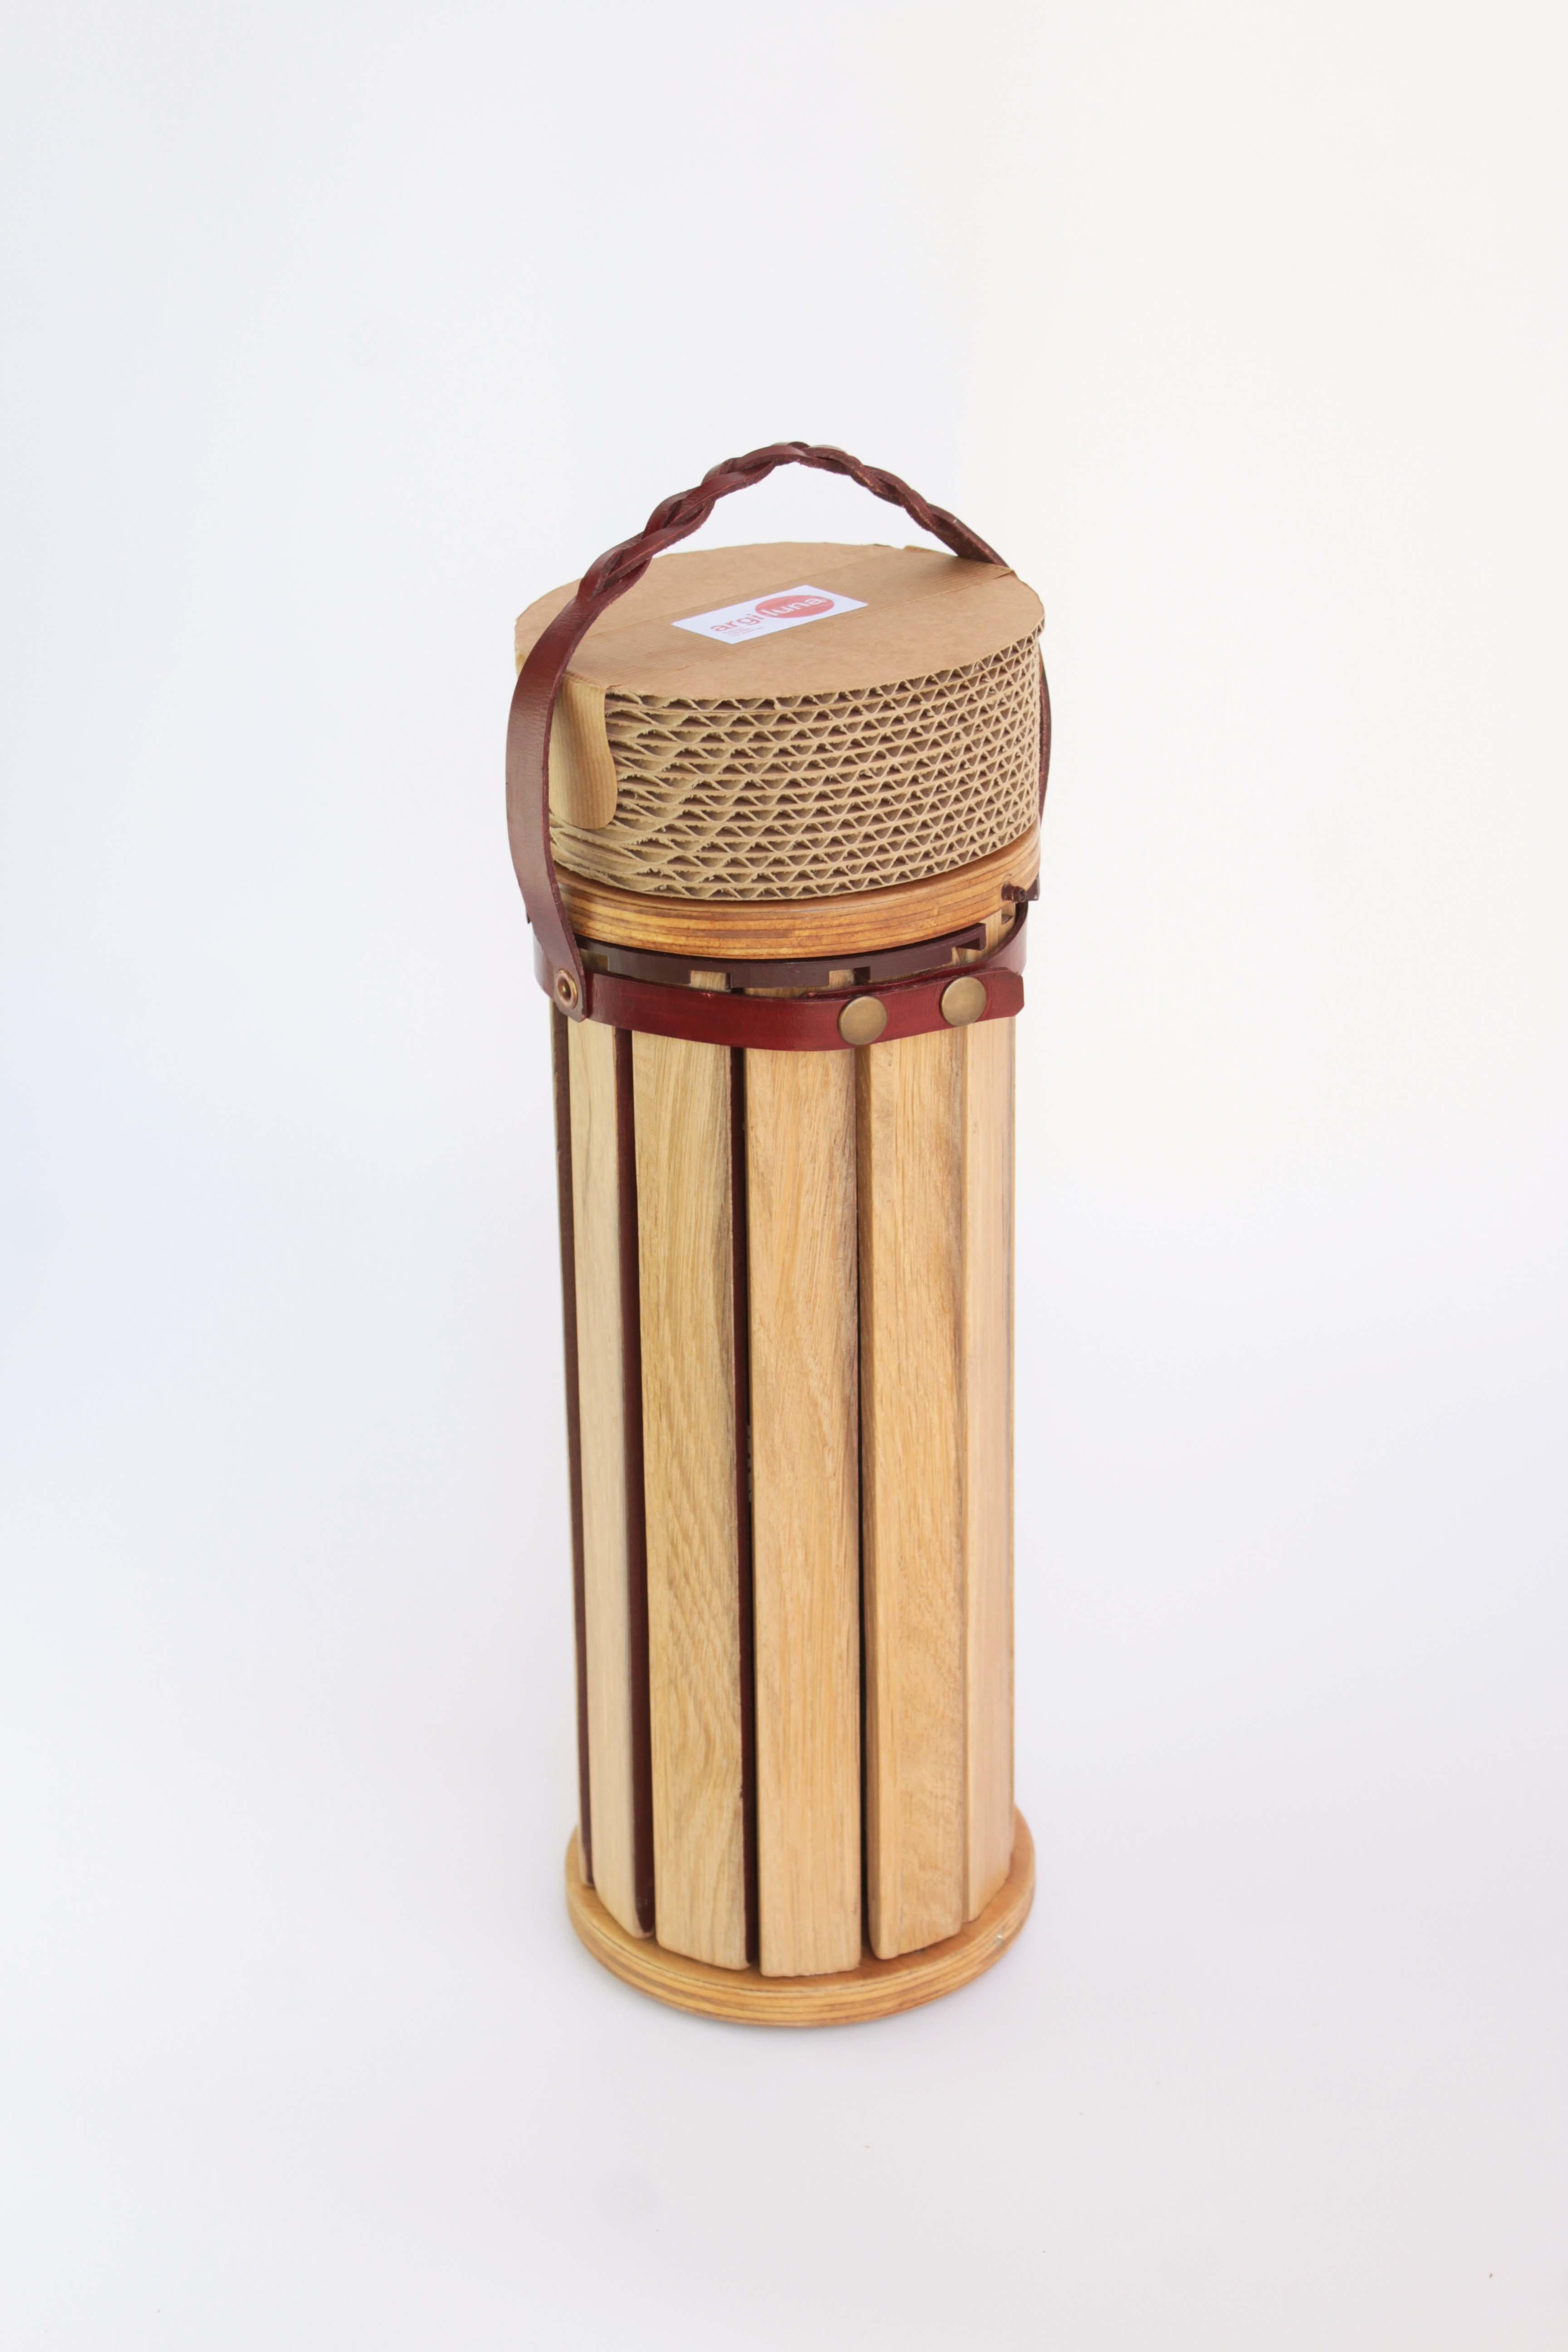 Argiluna, packaging sostenible con doble uso.  by Amaia Prieto Atxotegi  - Creative Work